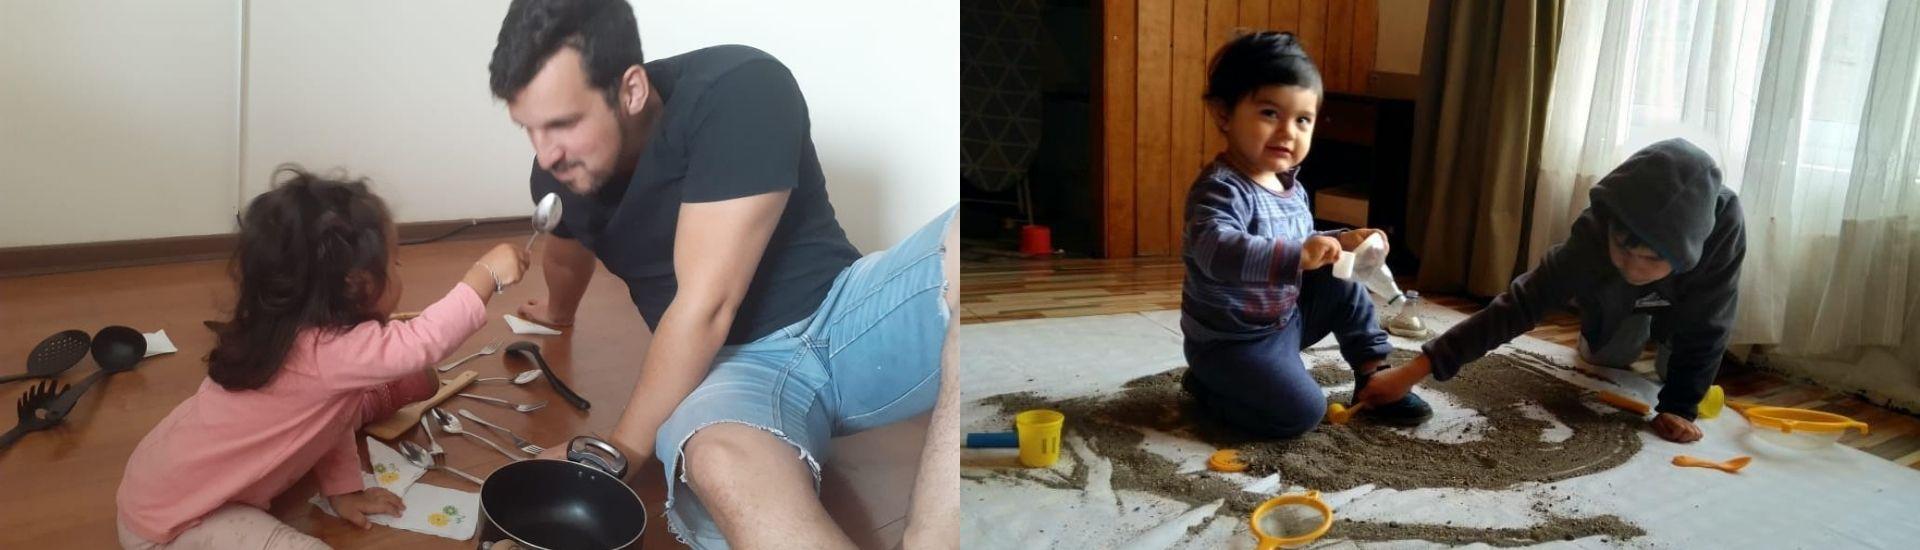 Dos fotos en las que se encuentran niños, niñas y padres, trabajando la pedagogía reggio emilio con materiales de la casa y a distancia